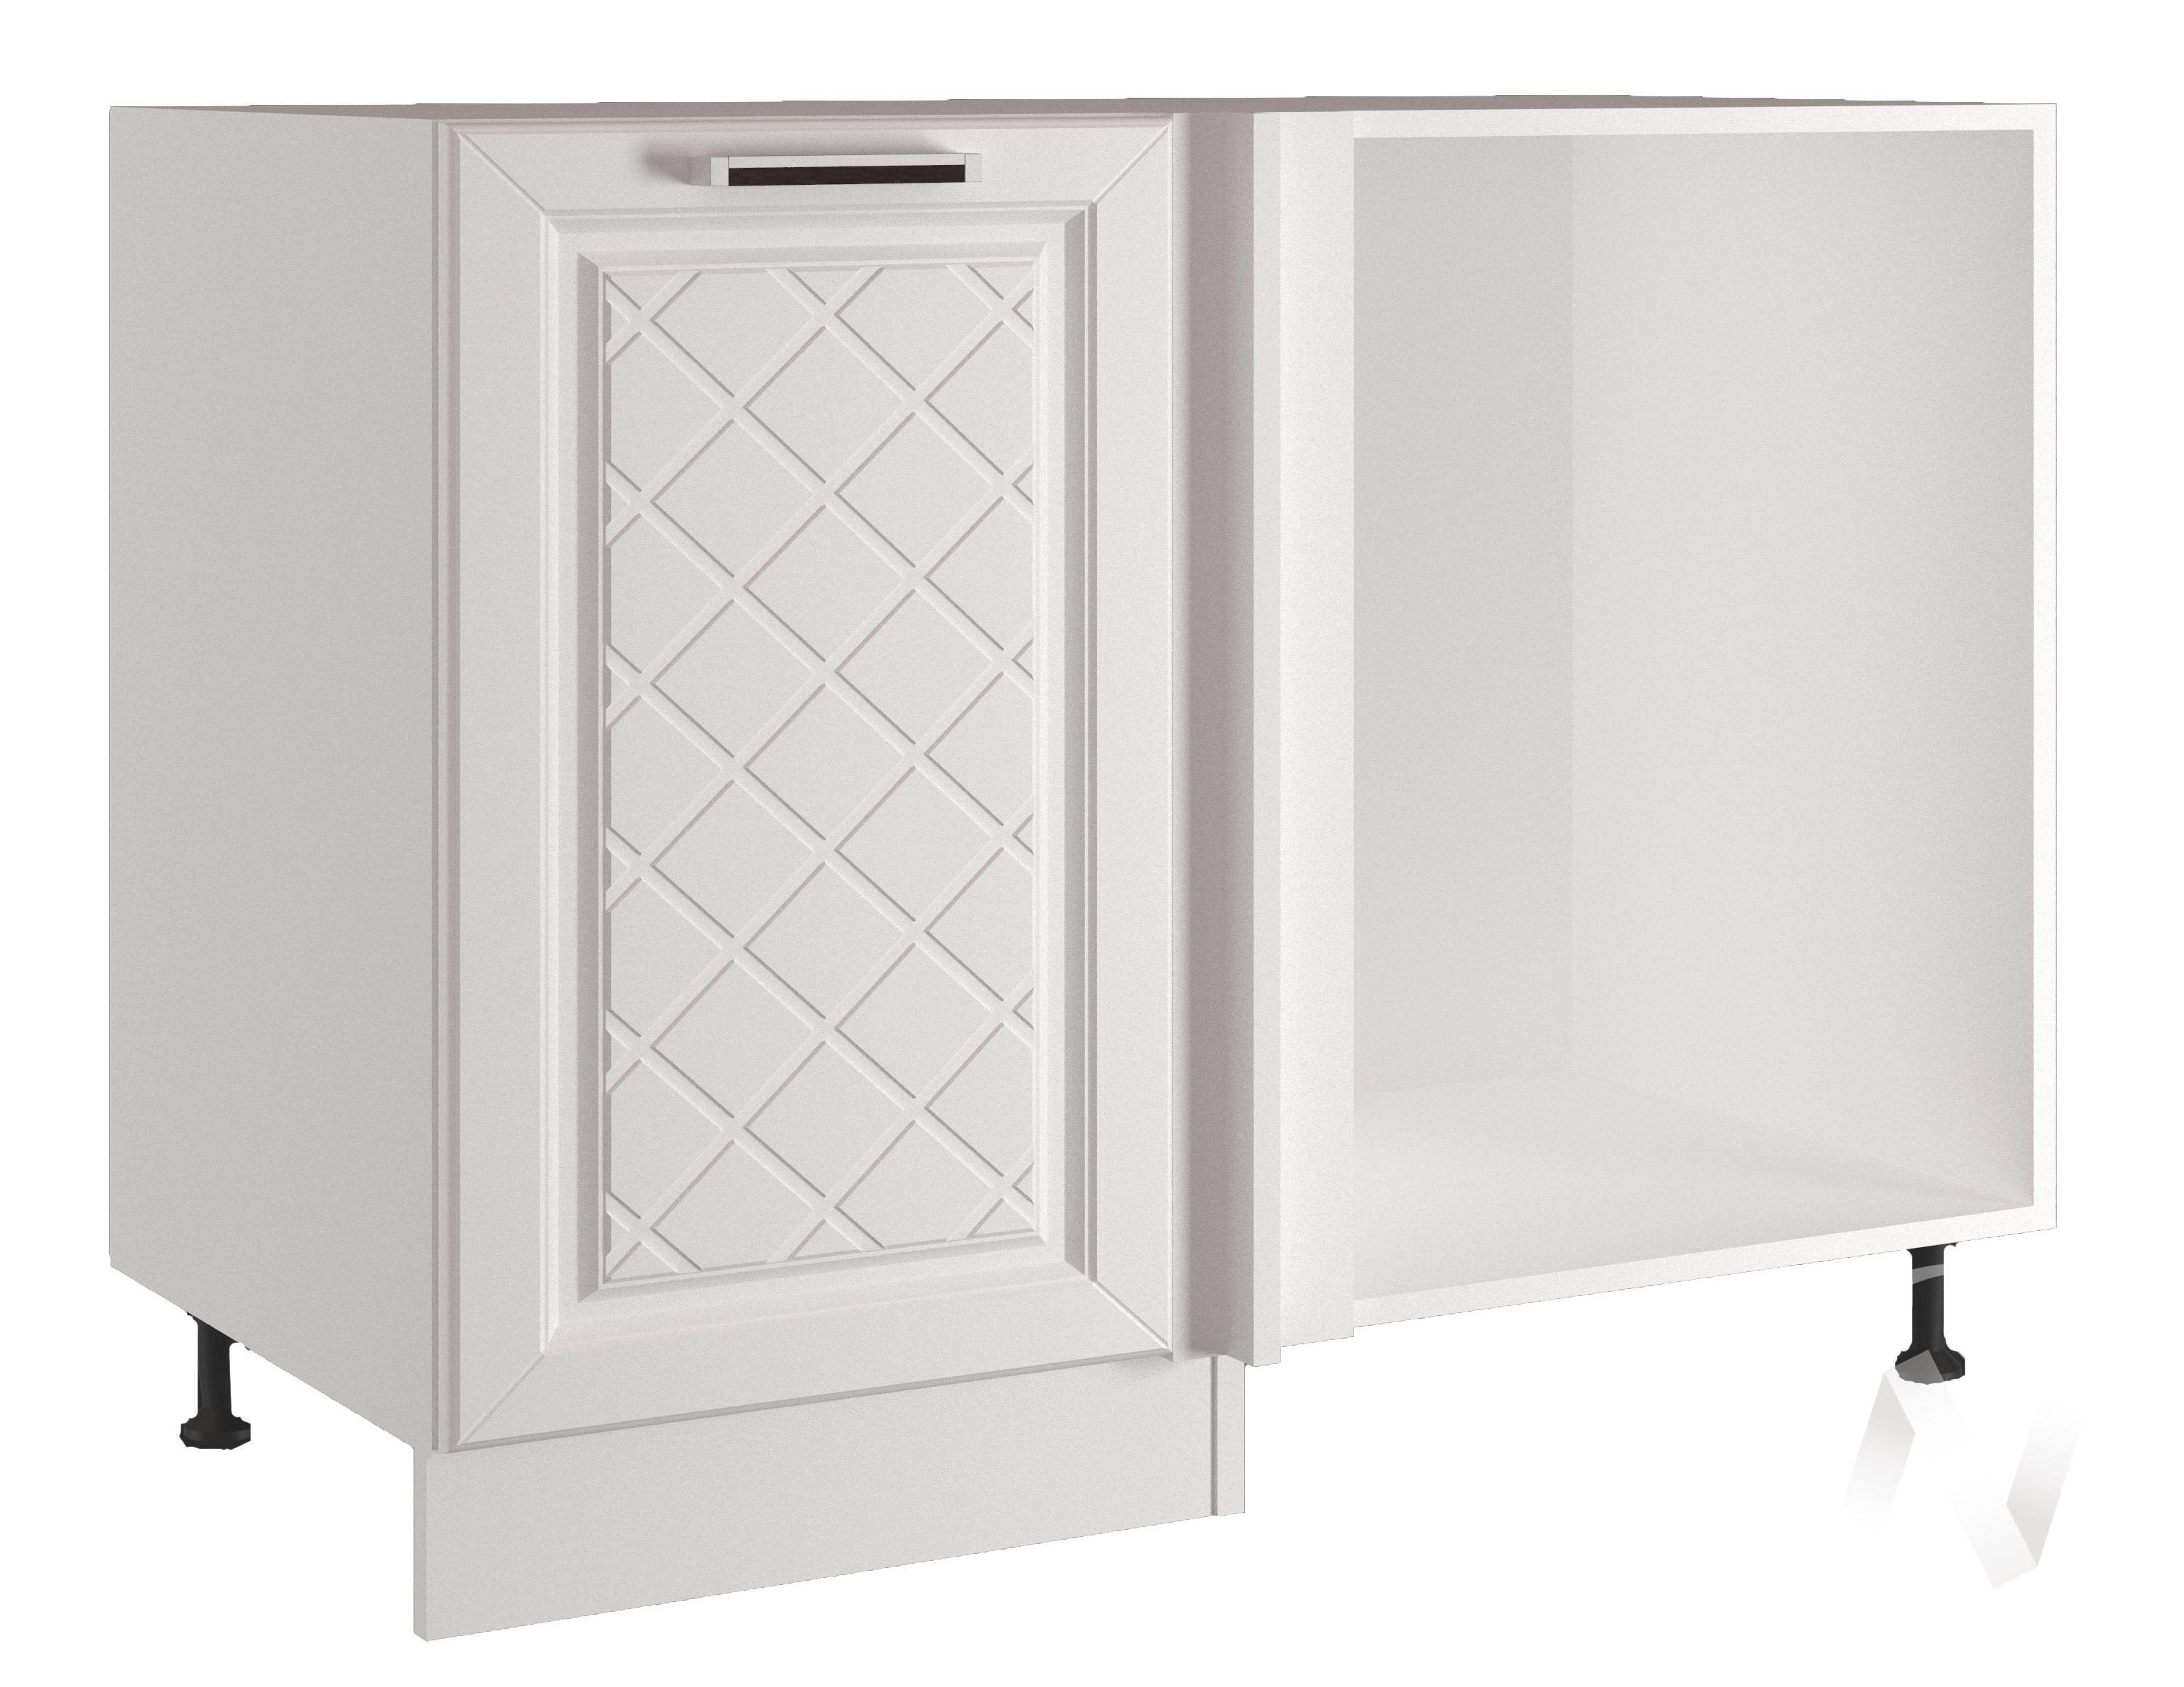 """Кухня """"Вена"""": Шкаф нижний угловой 990, ШНУ 990 (корпус белый) в Новосибирске в интернет-магазине мебели kuhnya54.ru"""